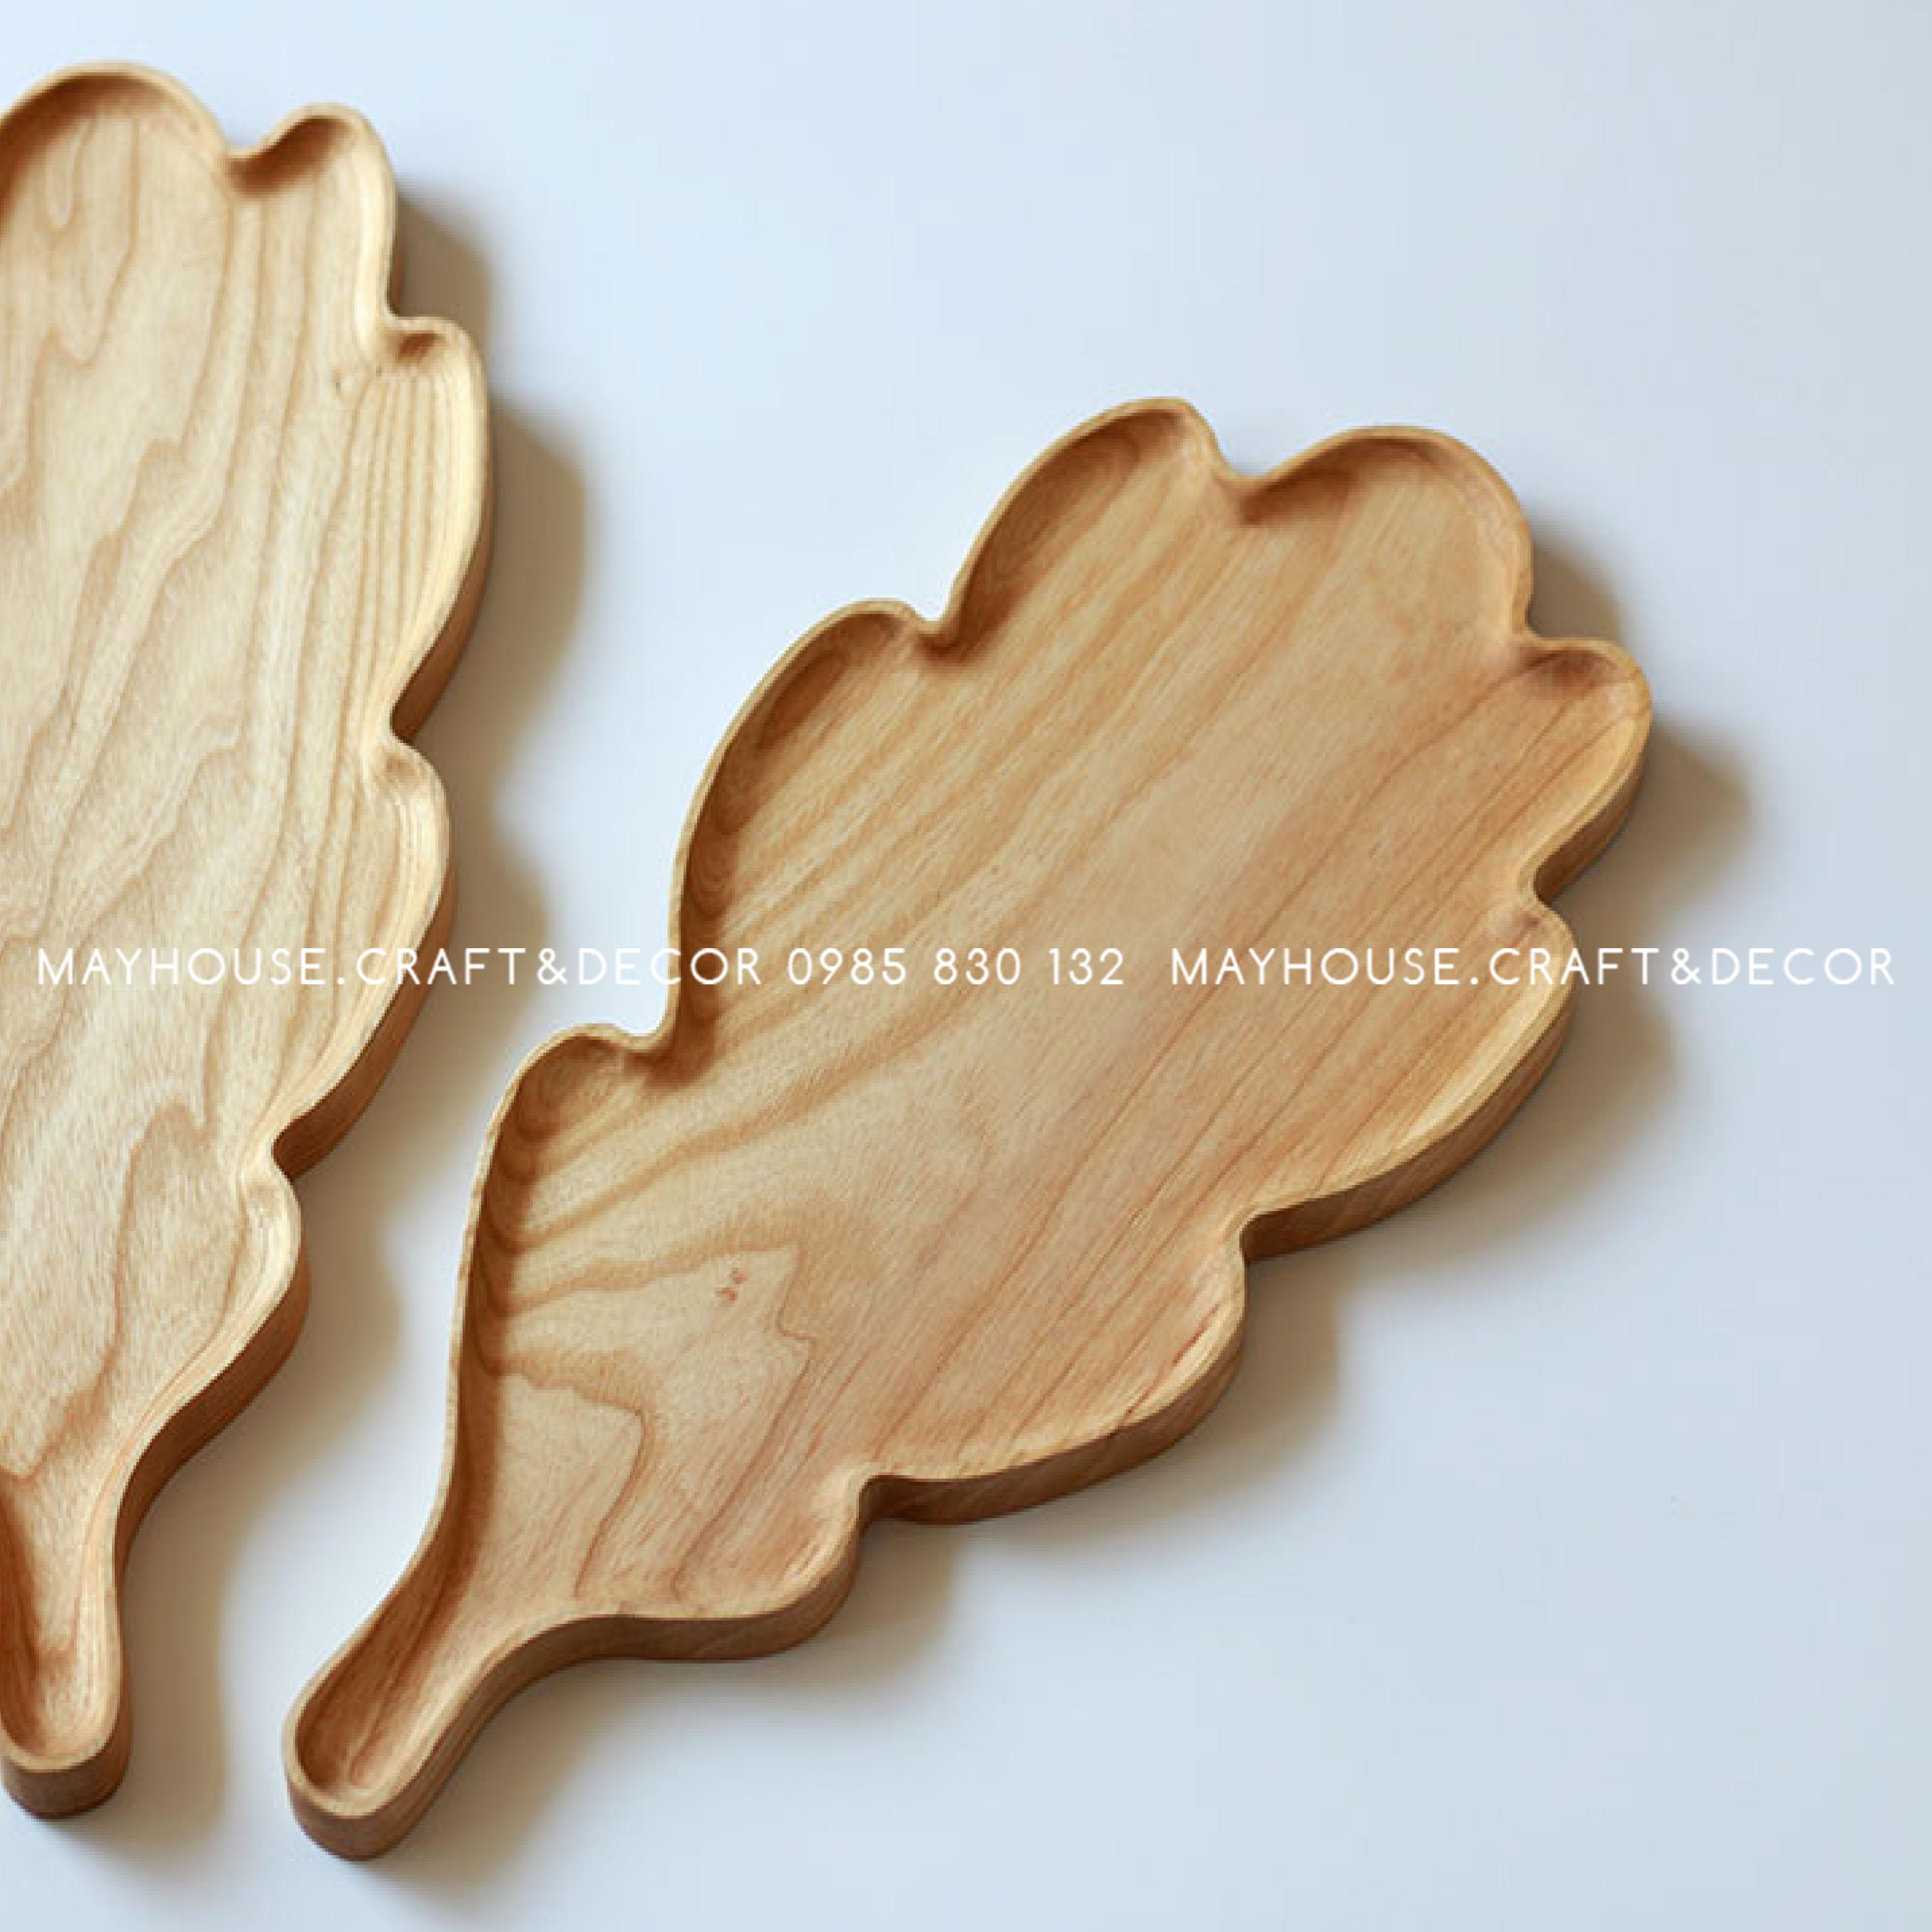 Khay gỗ tay cầm hình lá